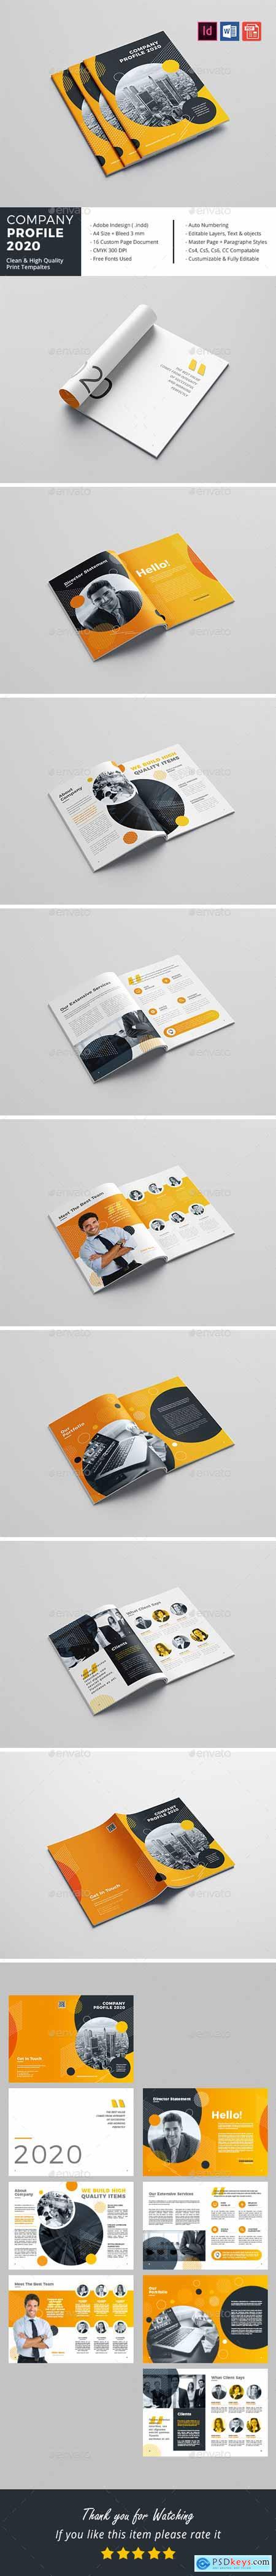 GraphicRiver Company Profile 2020